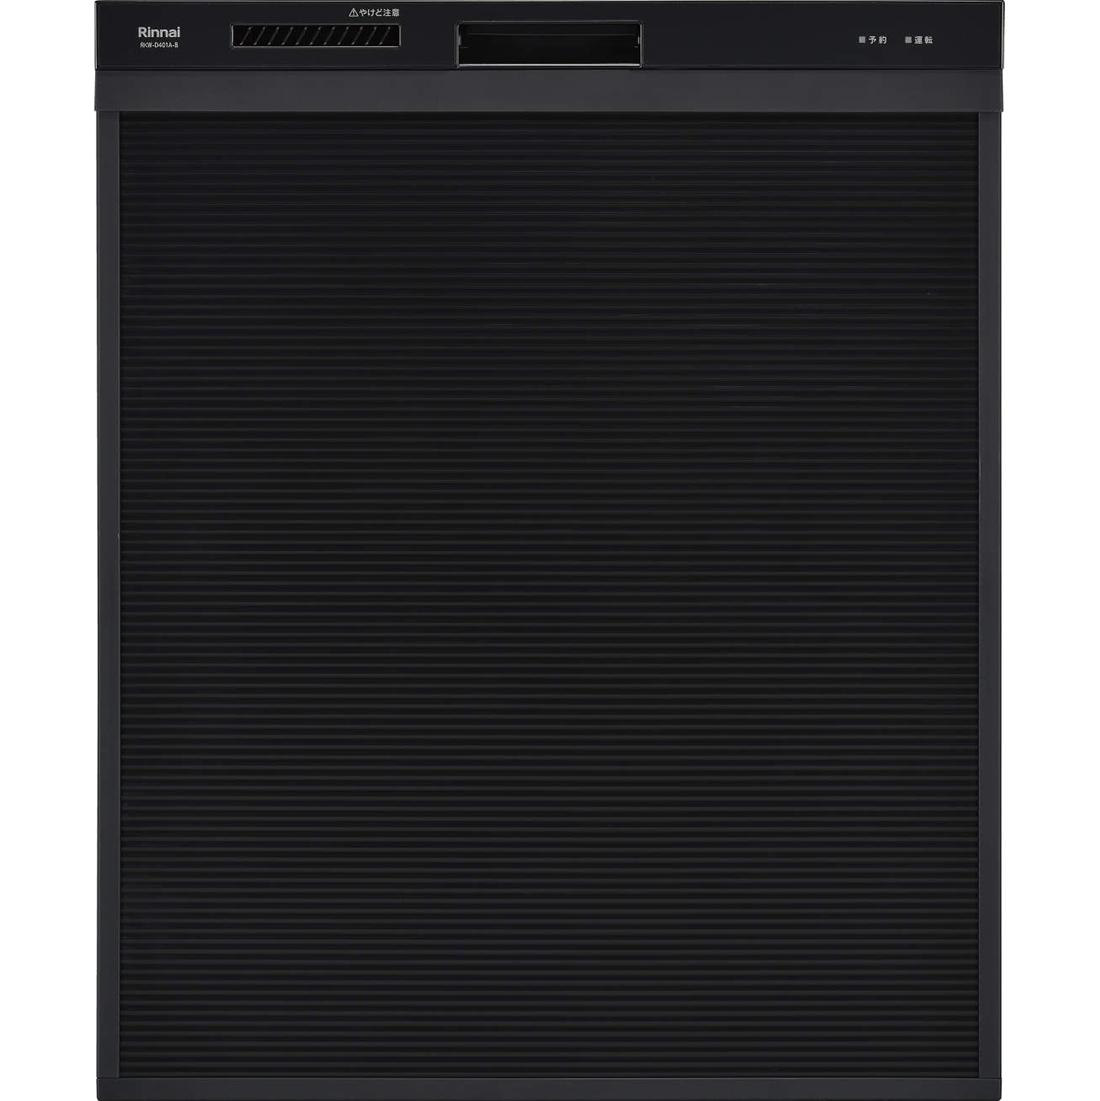 ▽###リンナイ 食器洗い乾燥機【RSW-D401A-B】ブラック 深型スライドオープン ぎっしりカゴタイプ 幅45cm スタンダード